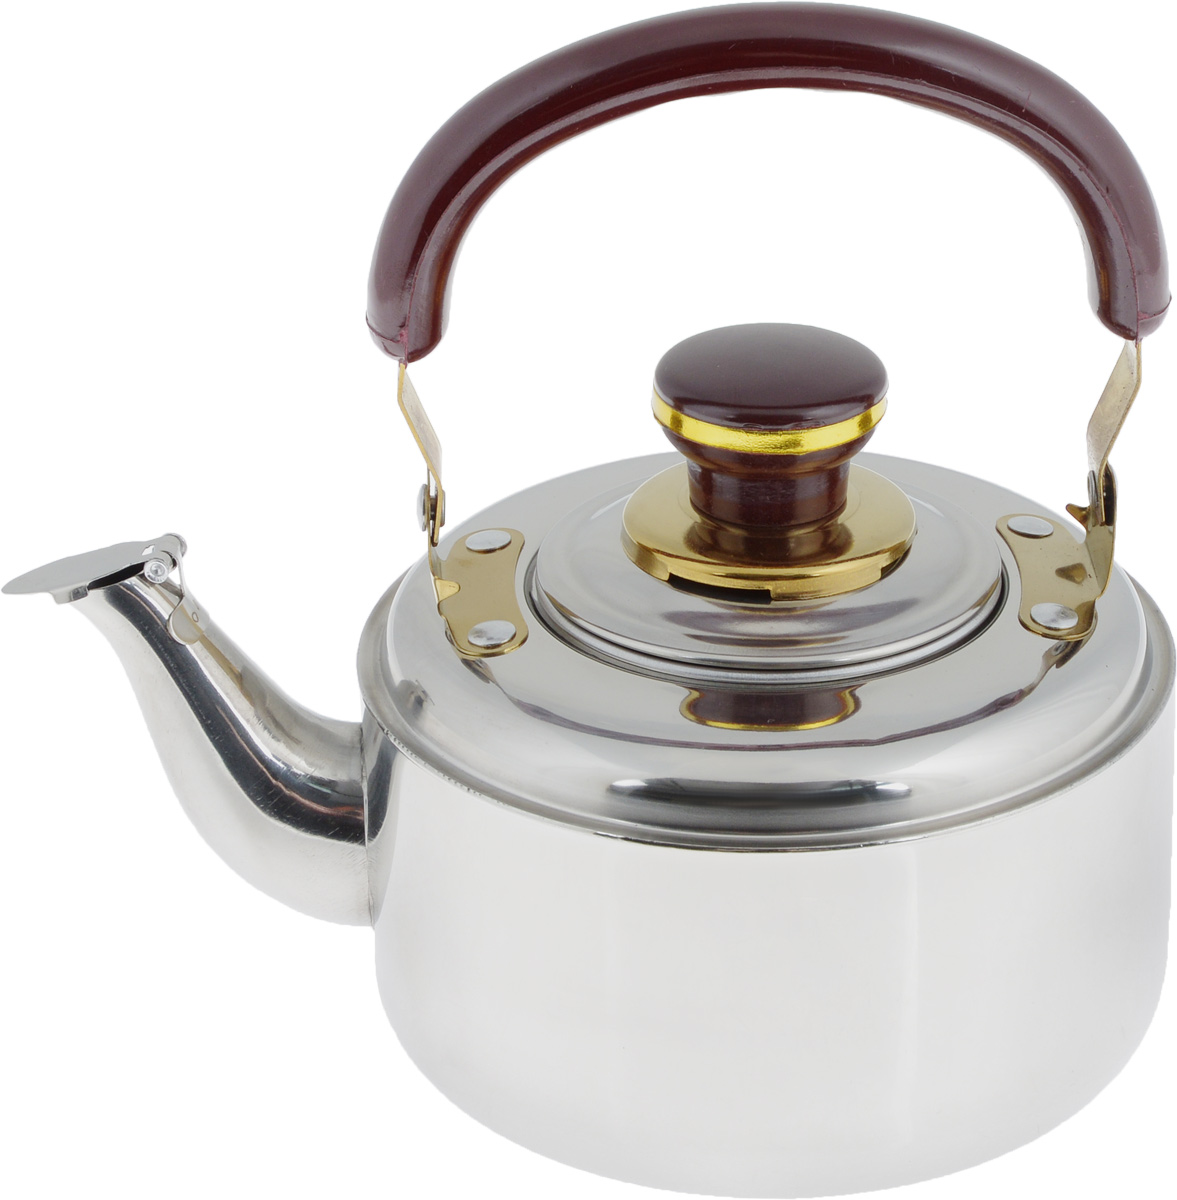 Чайник заварочный Mayer & Boch, со свистком, с фильтром, 1 л. 40023058_зеленыйЗаварочный чайник Mayer & Boch выполнен из высококачественной нержавеющей стали, что обеспечивает долговечность использования. Внешнее зеркальное покрытие придает приятный внешний вид. Бакелитовая ручка делает использование чайника очень удобным и безопасным. Крышка оснащена свистком, что позволит вамконтролировать процесс подогреваили кипячения воды. Чайник оснащен фильтром, с помощью которого можно заваривать ваш любимый чай.Можно мыть в посудомоечной машине. Пригоден для газовых, электрических и стеклокерамических плит, кроме индукционных. Диаметр чайника по верхнему краю: 7 см. Высота чайника (без учета крышки и ручки): 8,5 см. Высота чайника (с учетом крышки и ручки): 18 см. Размер фильтра: 7,5 х 7,5 х 5,5 см.